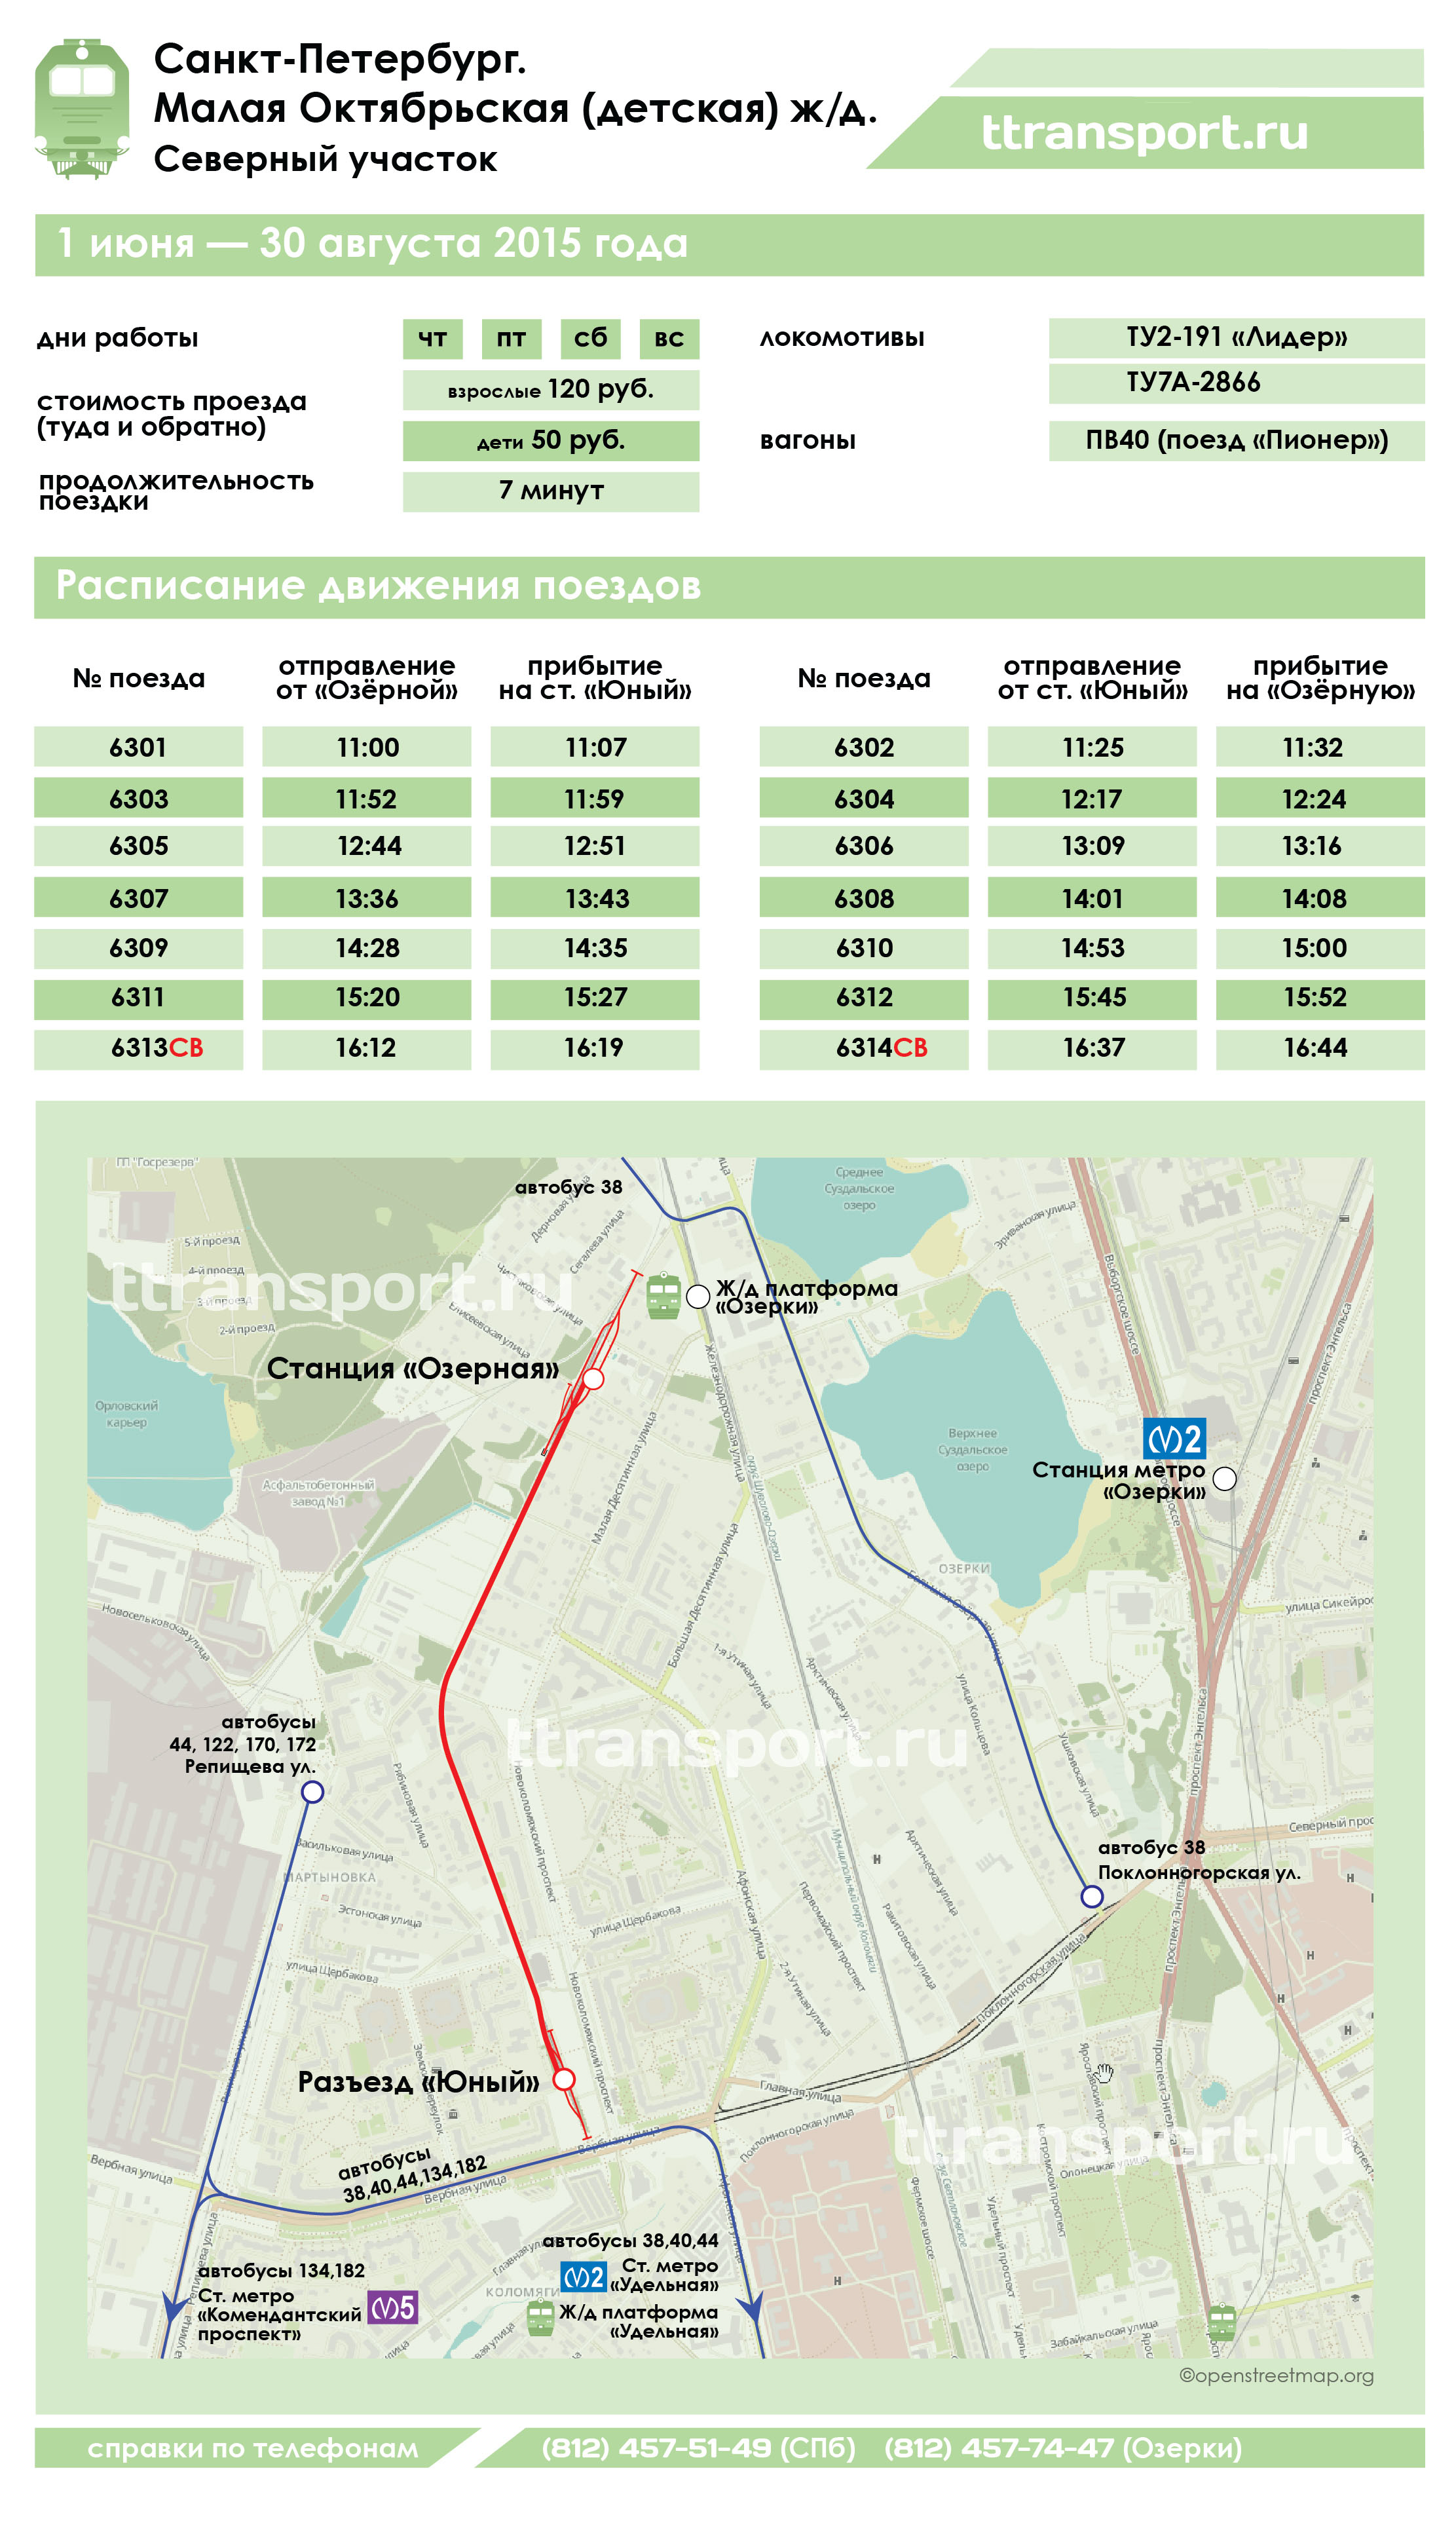 Санкт-Петербург. Расписание и схема движения поездов на Северном участке малой Октябрьской железной дороги (сезон 2015 года)